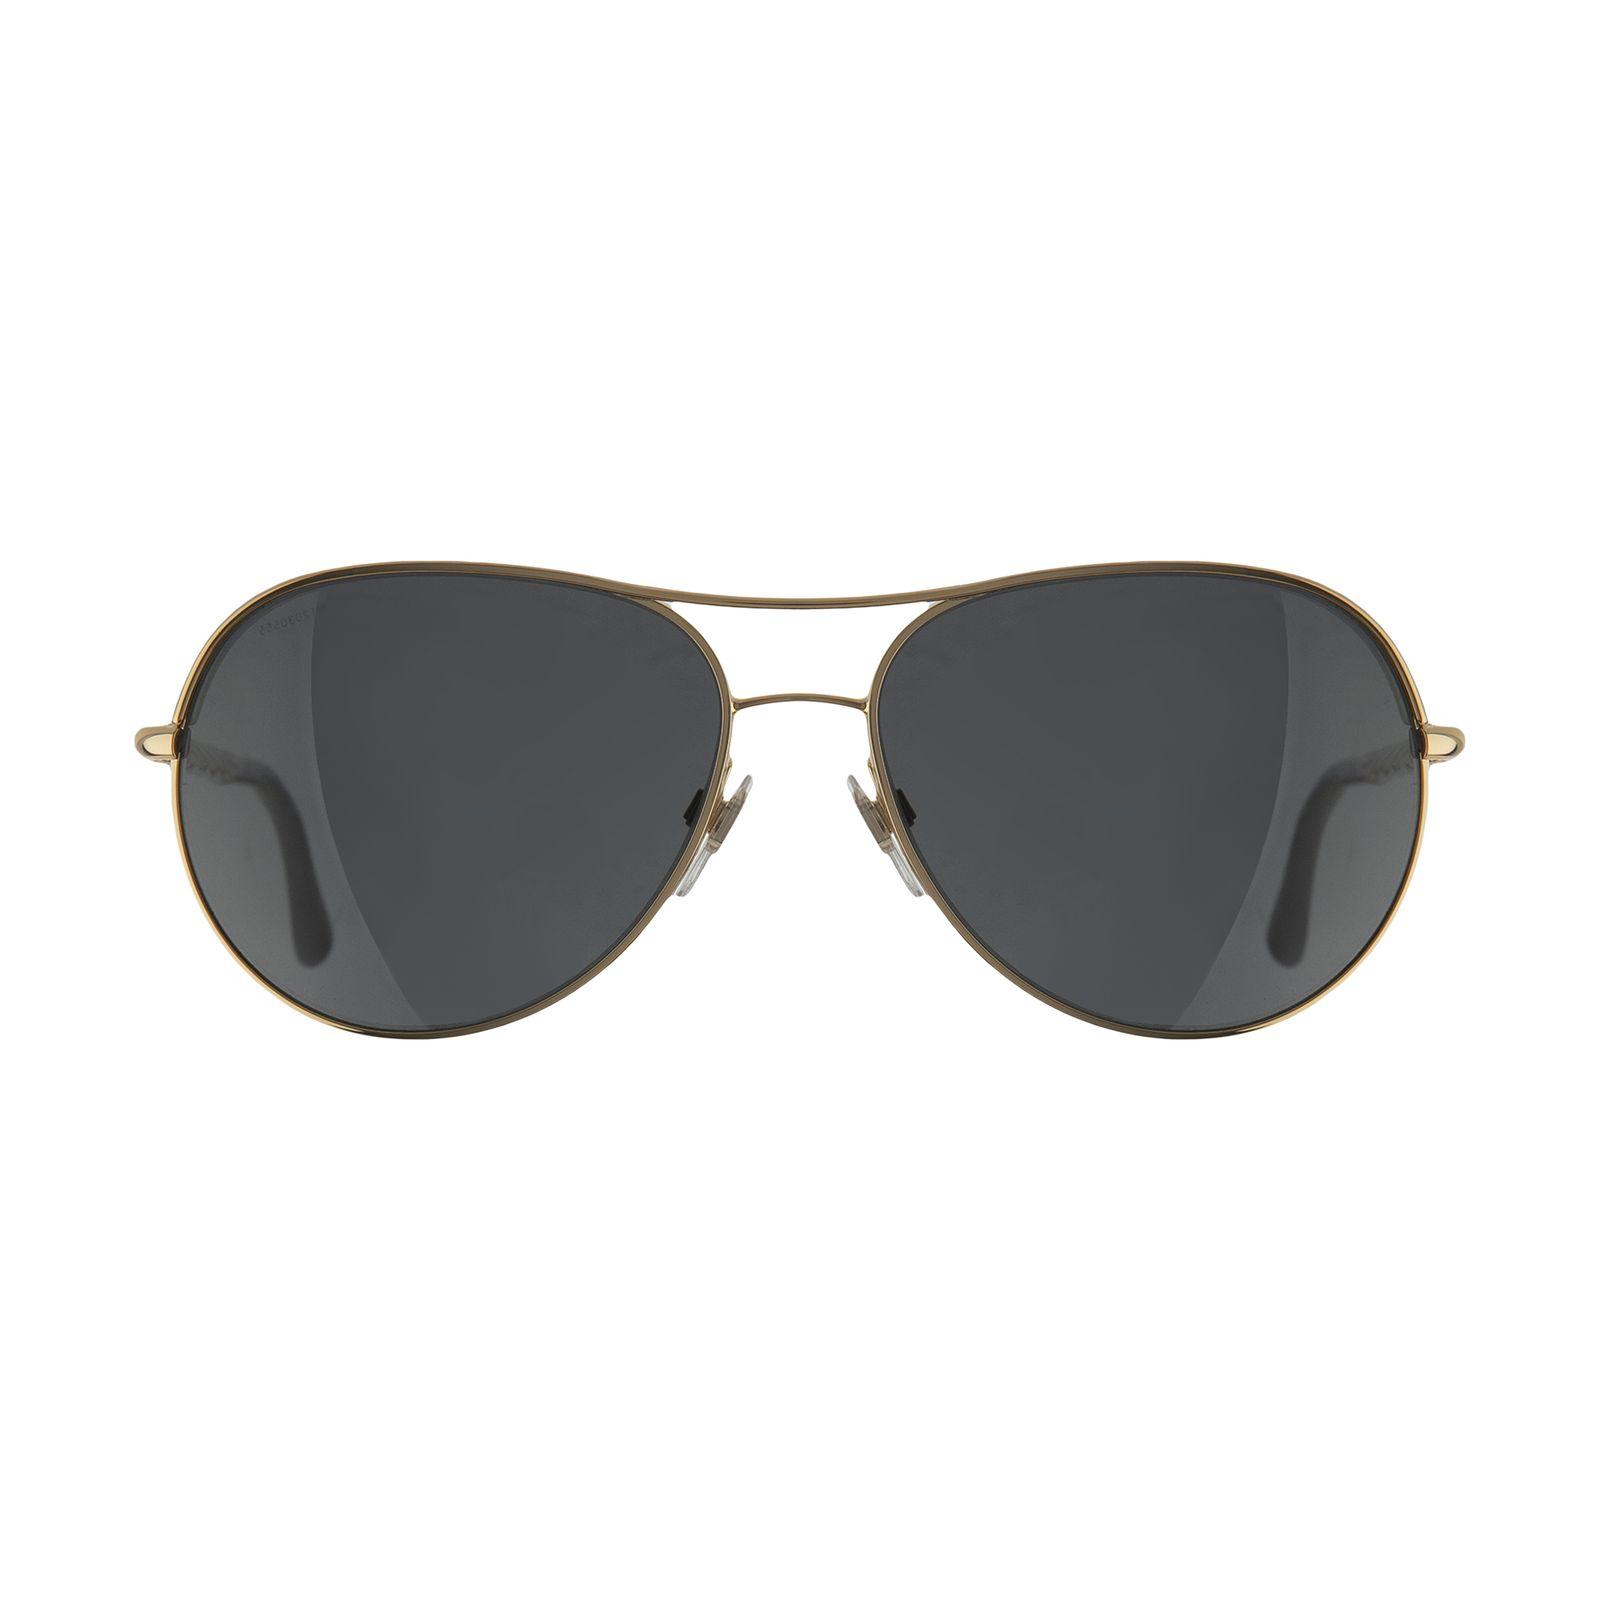 عینک آفتابی زنانه بربری مدل BE 3082S 121087 57 -  - 2